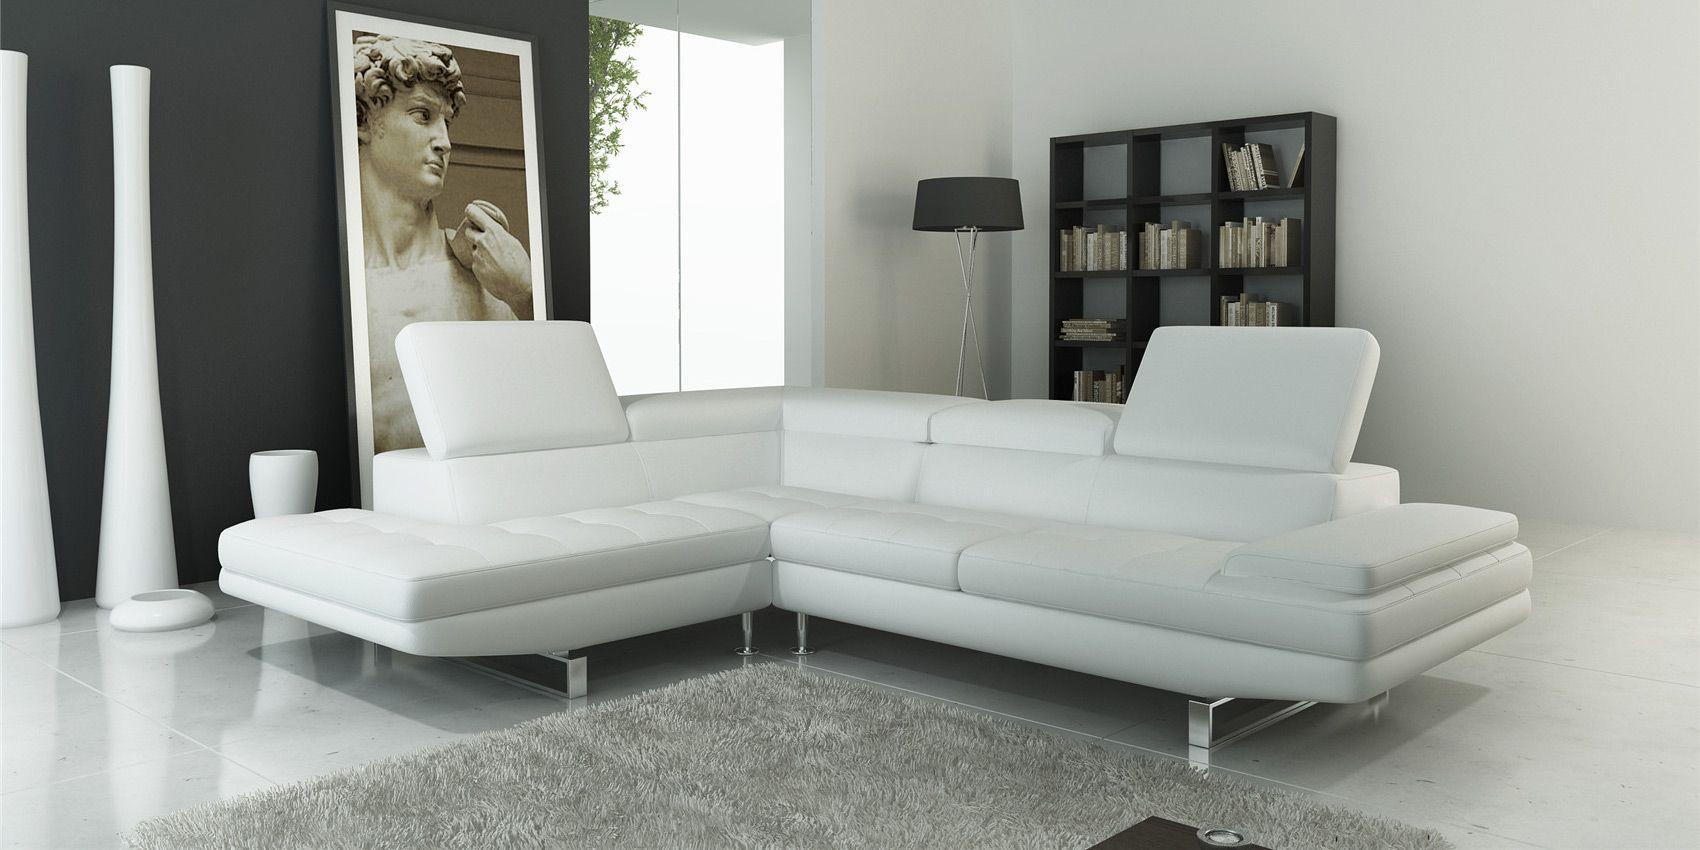 Billig Leder Ecksofa Weiss Ecksofas Sofa Sofa Bezug